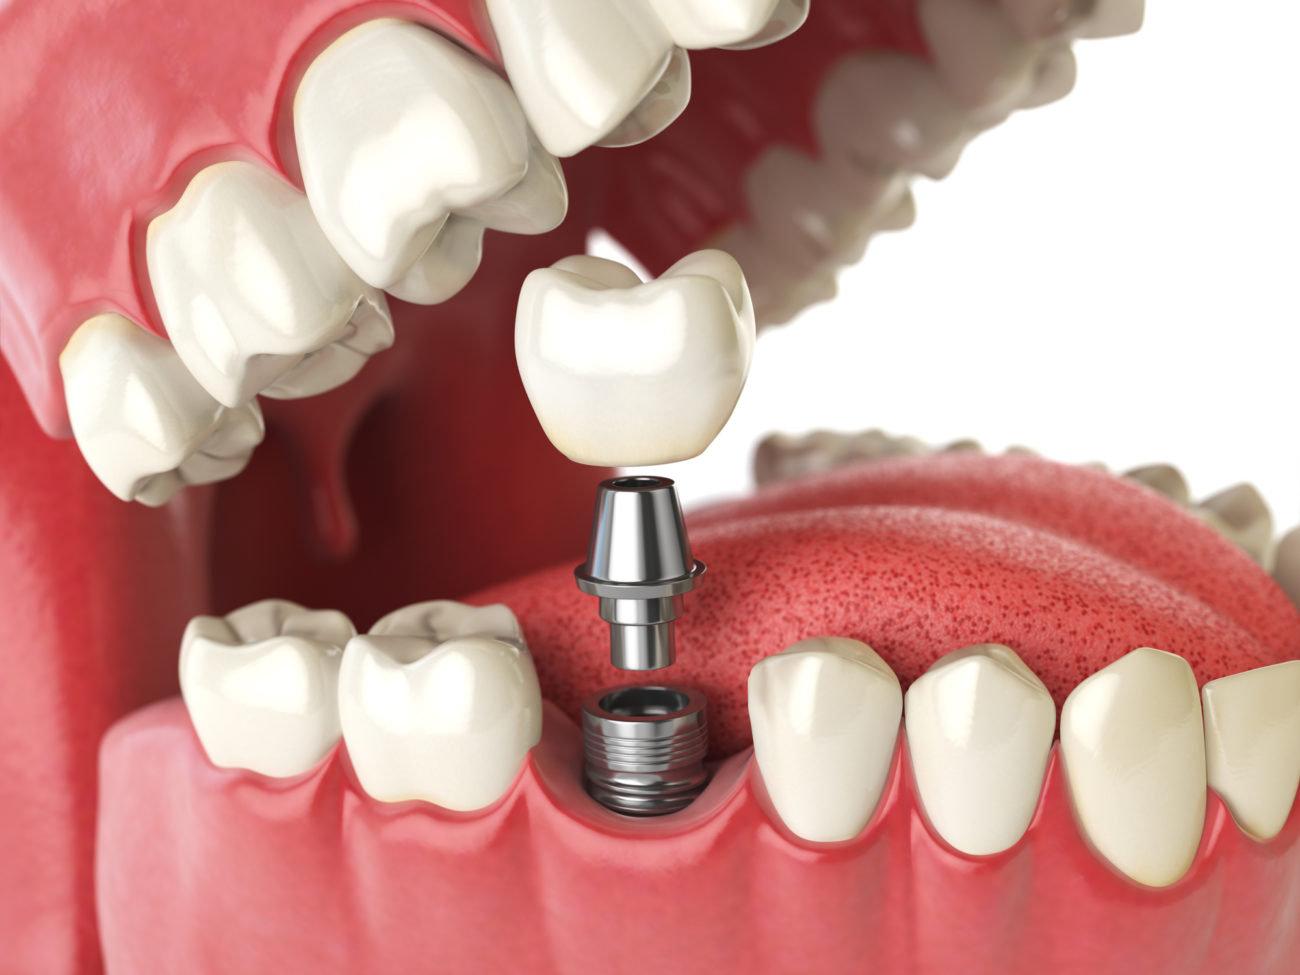 Dental Implant Evaluation